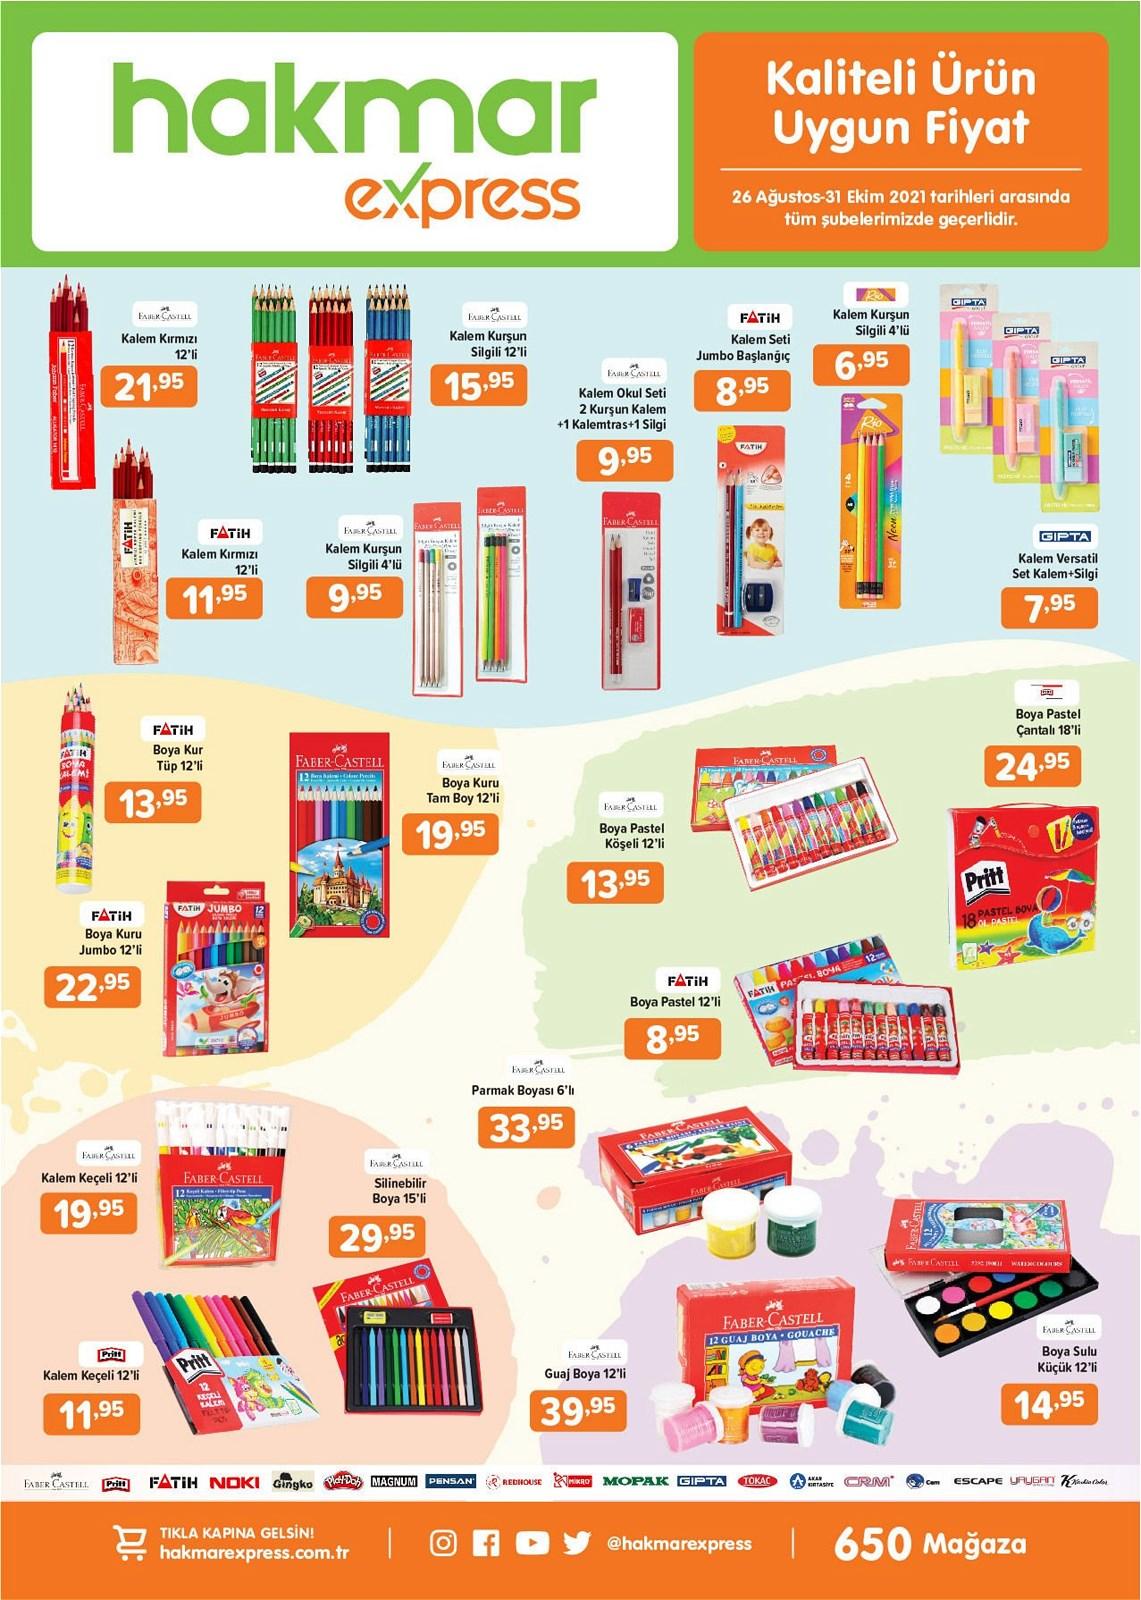 26.08.2021 Hakmar Express broşürü 3. sayfa